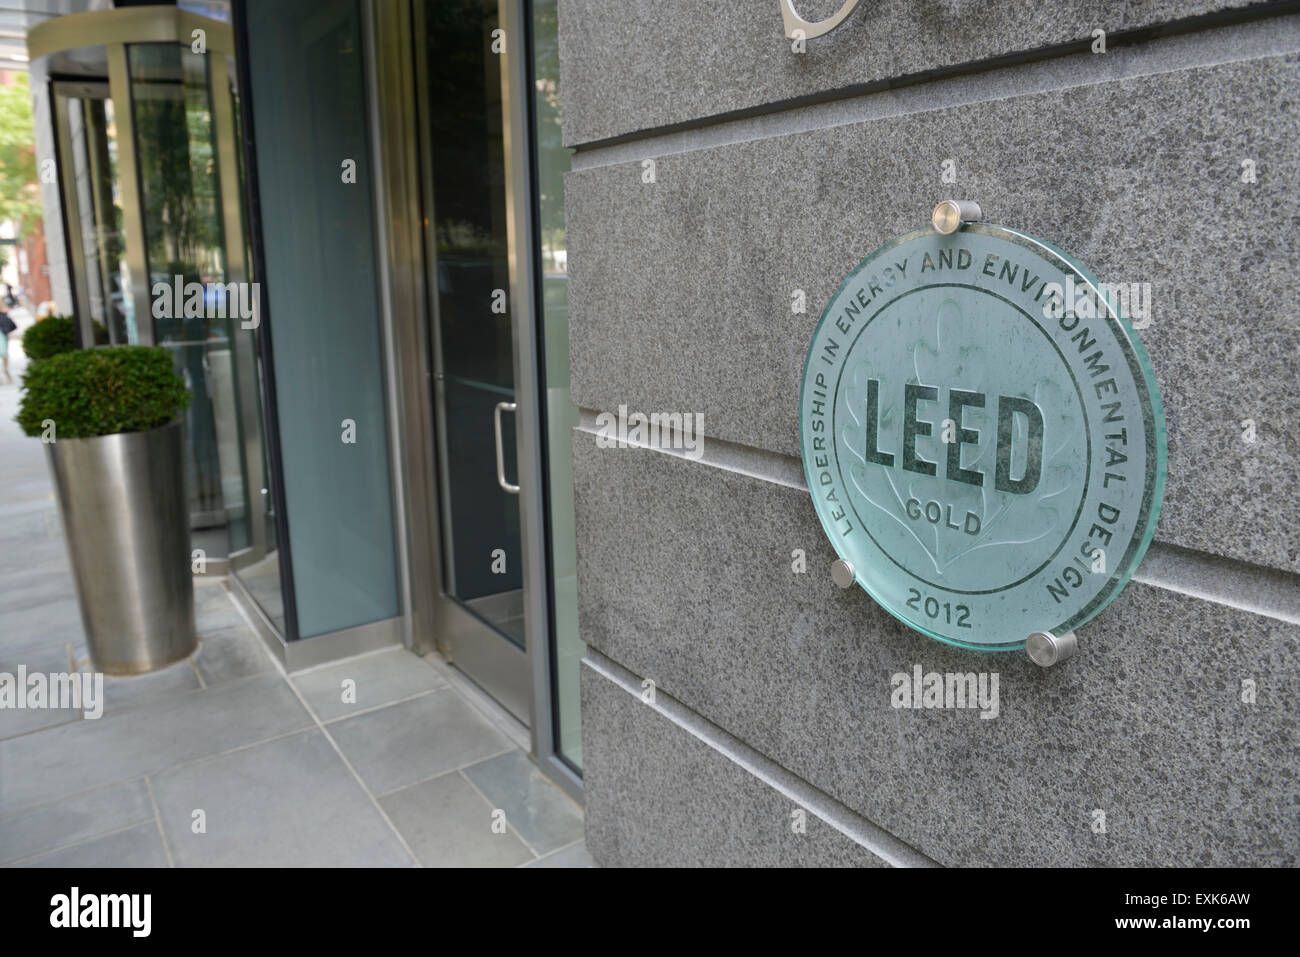 LEED gold Rating Zeichen für ökologische Effizienz auf Wohnhaus in New York, Battery Park City Stockbild